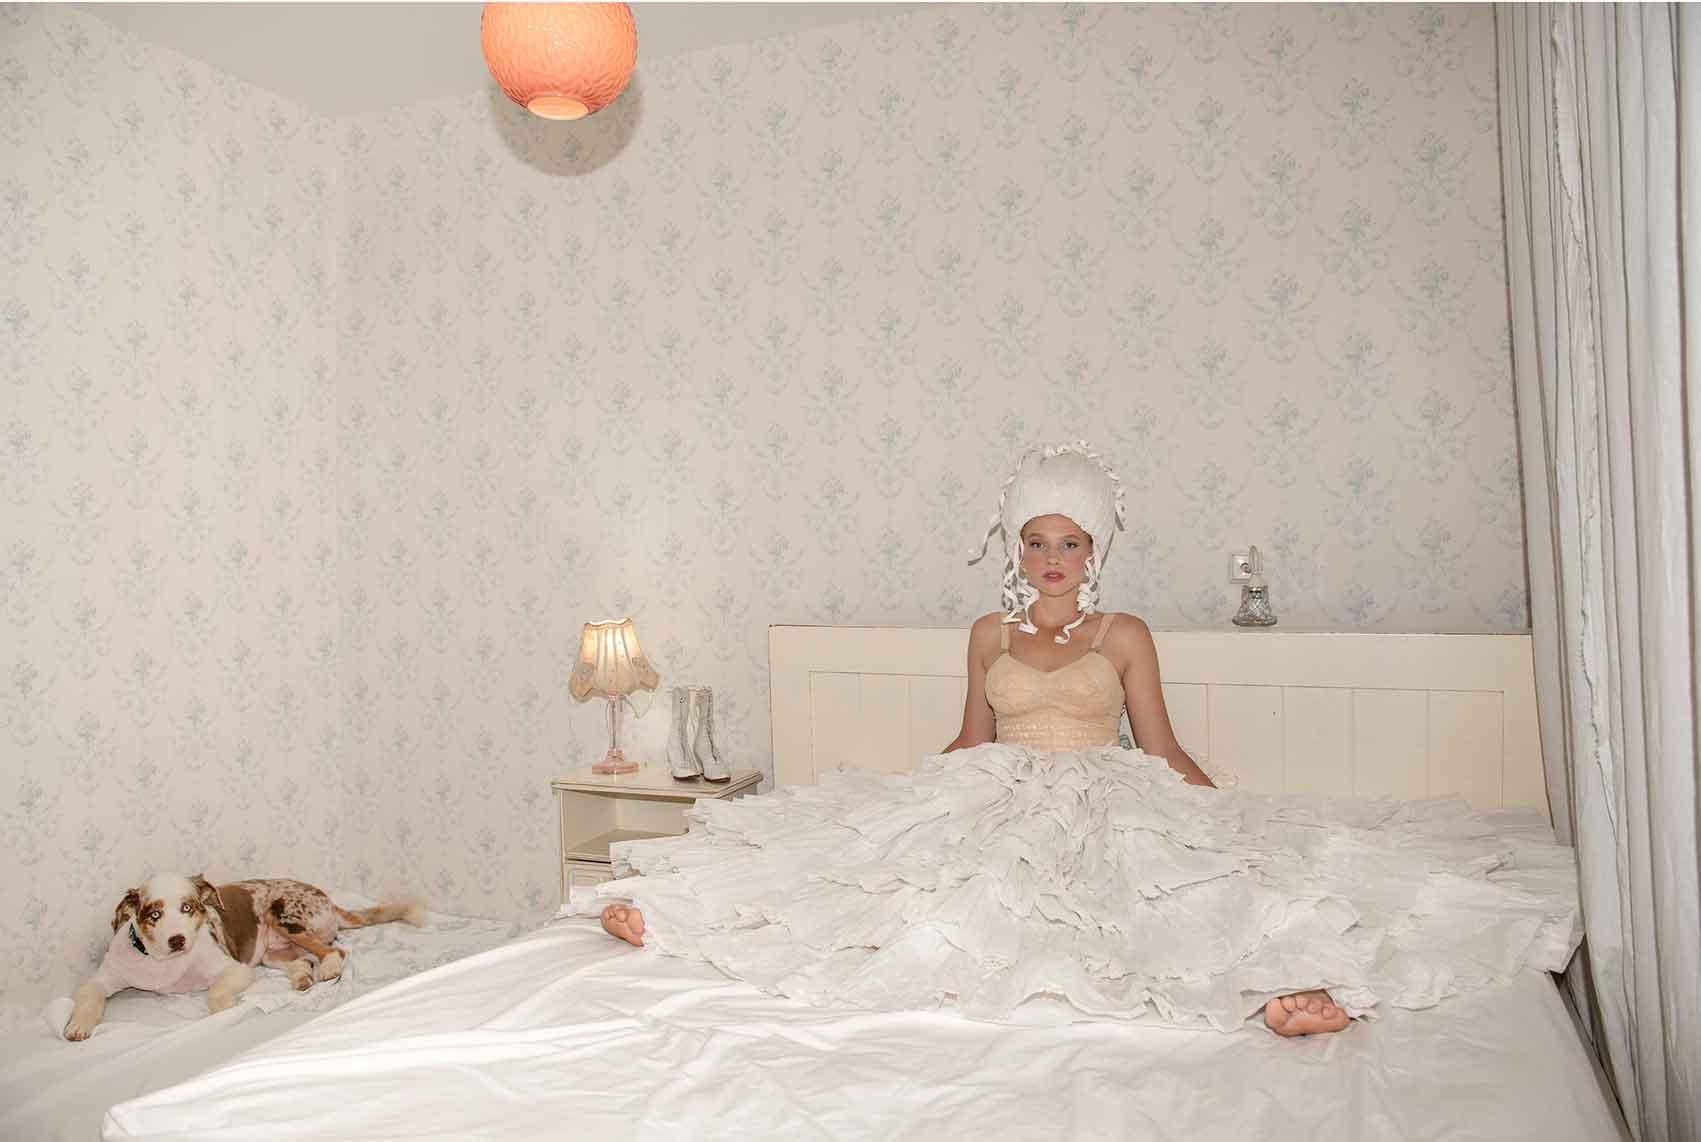 צילום: ליז כדר, מעצבת בנייר: מירב פלג, איפור: יעל ברזילי, דוגמנית: ליזה טרטרוב-מגזין-אופנה